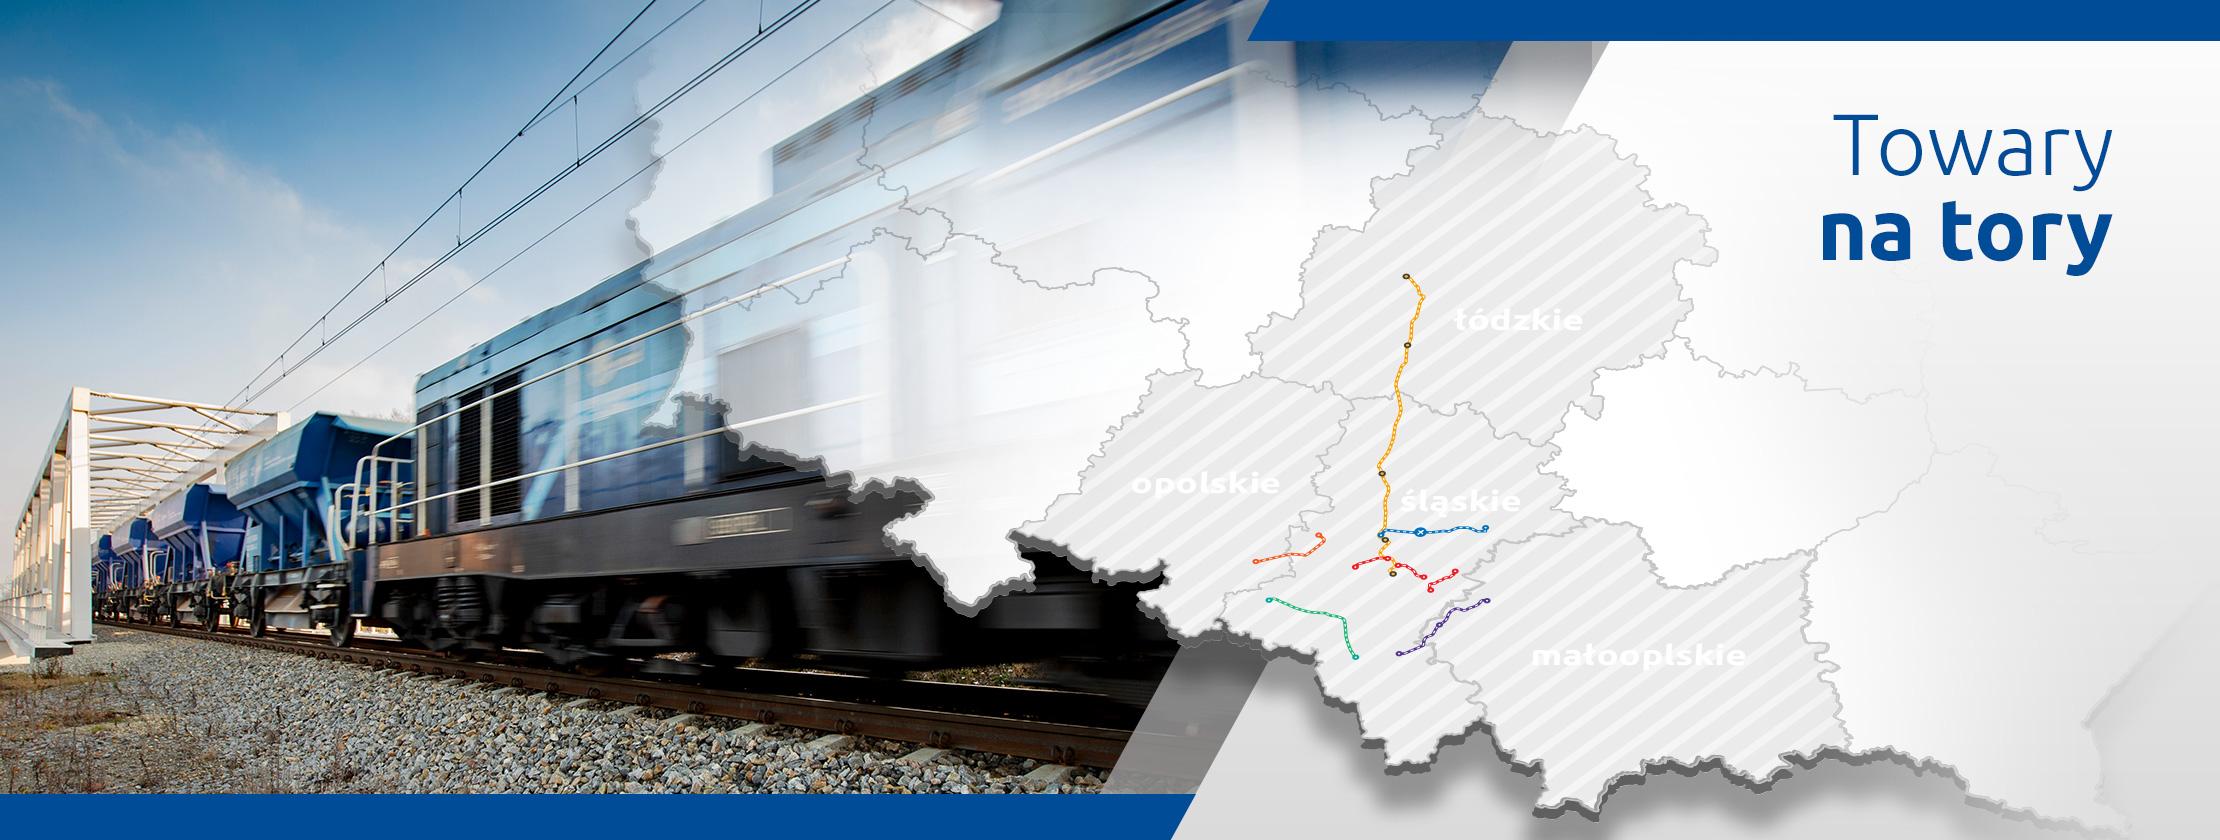 Slider główny Towary na tory - Grafika przedstawiająca most kolejowy z przejeżdżającym pociągiem towarowym i mapę województw opolskiego, śląskiego, małopolskiego i łódzkiego z liniami kolejowymi modernizowanymi w ramach projektów PKP Polskich Linii Kolejowych S.A. - prowadzi do zakładki inwestycje.